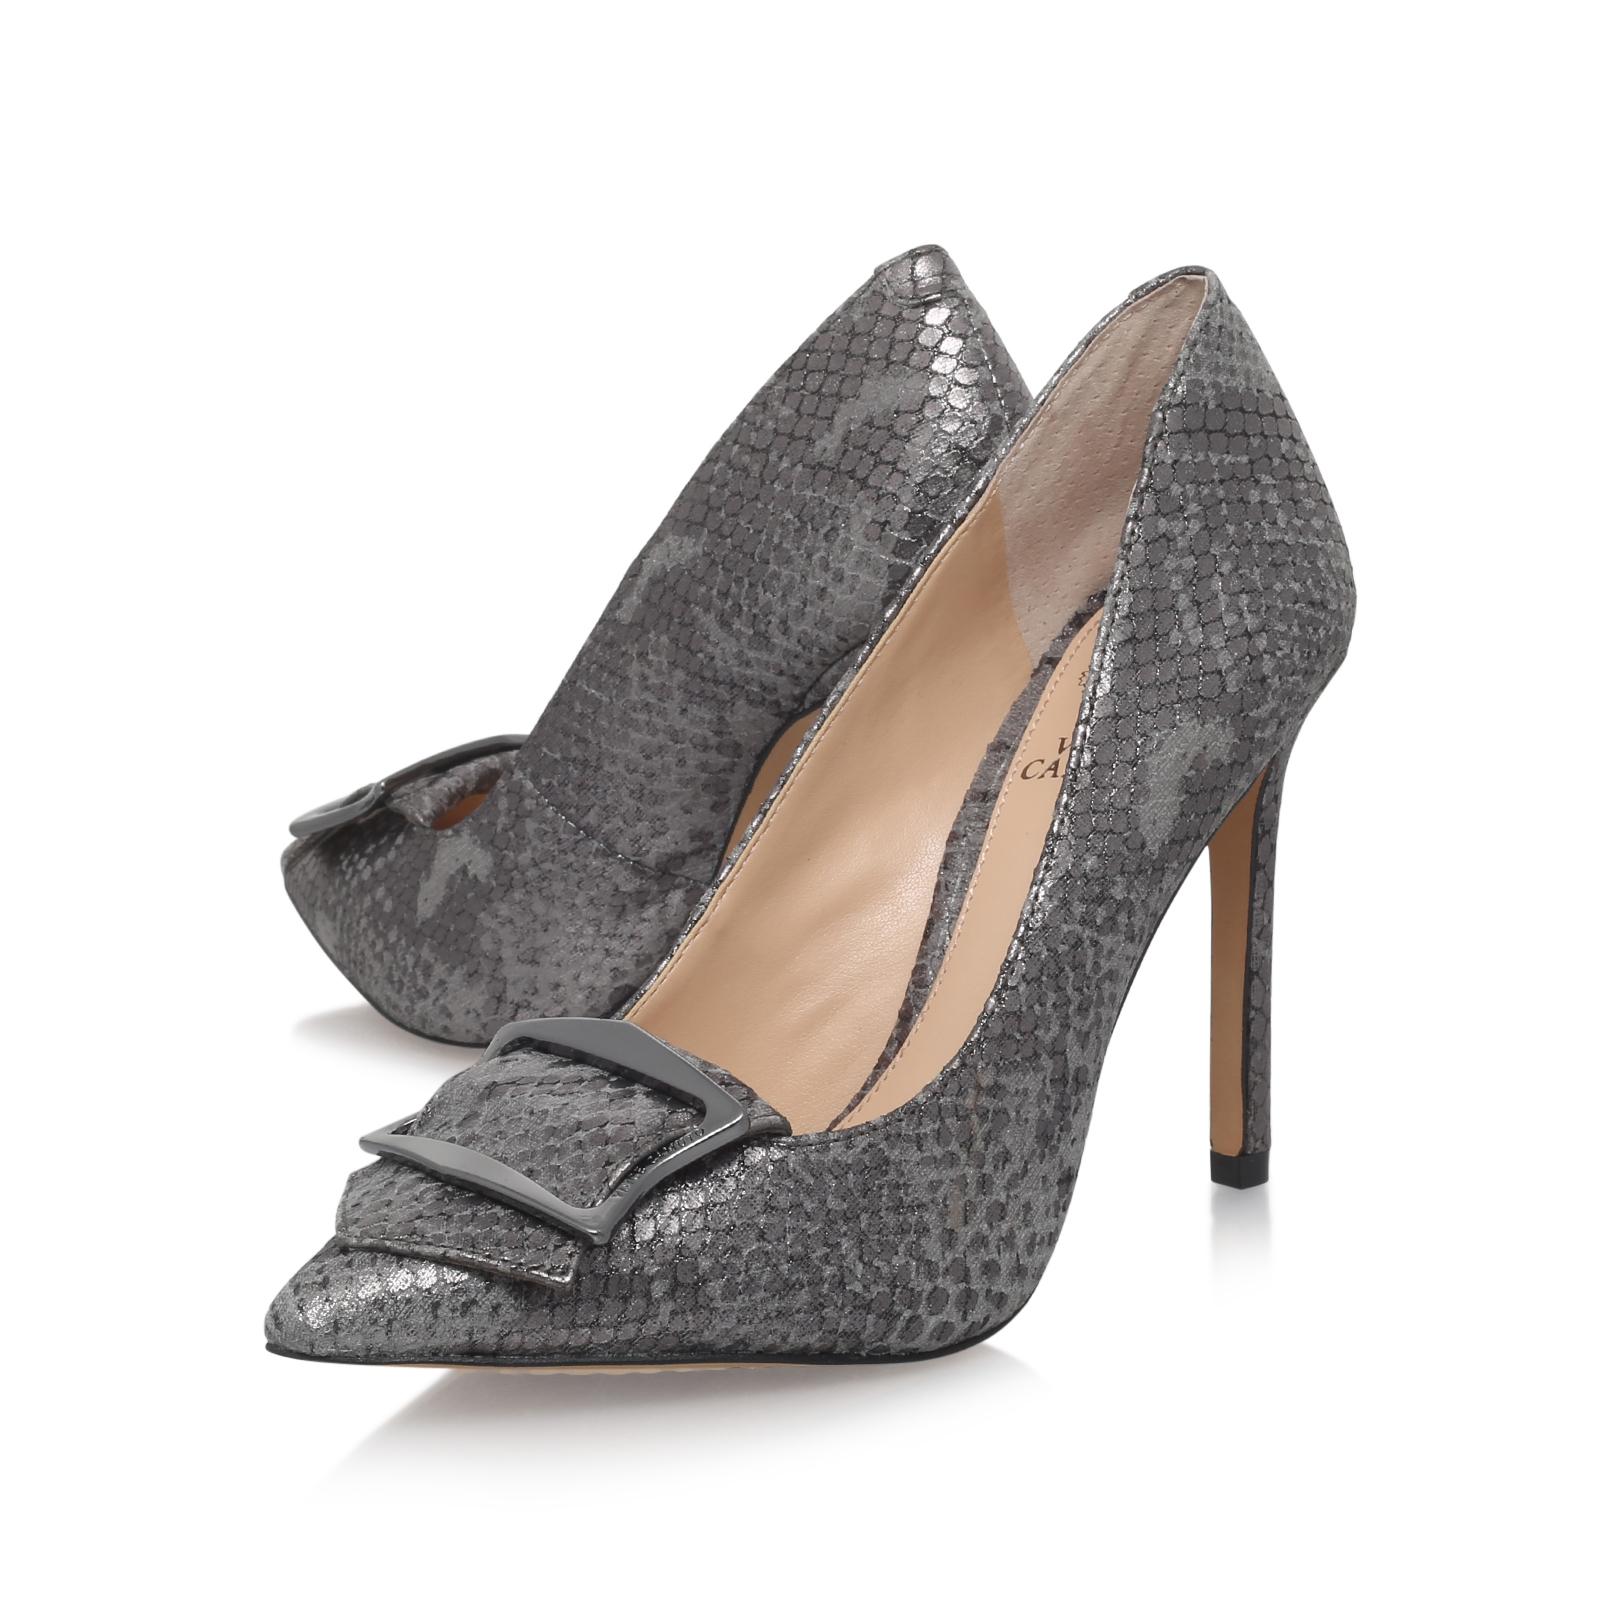 Nancita2 Vince Camuto Nancita2 Pewter Leather High Heel